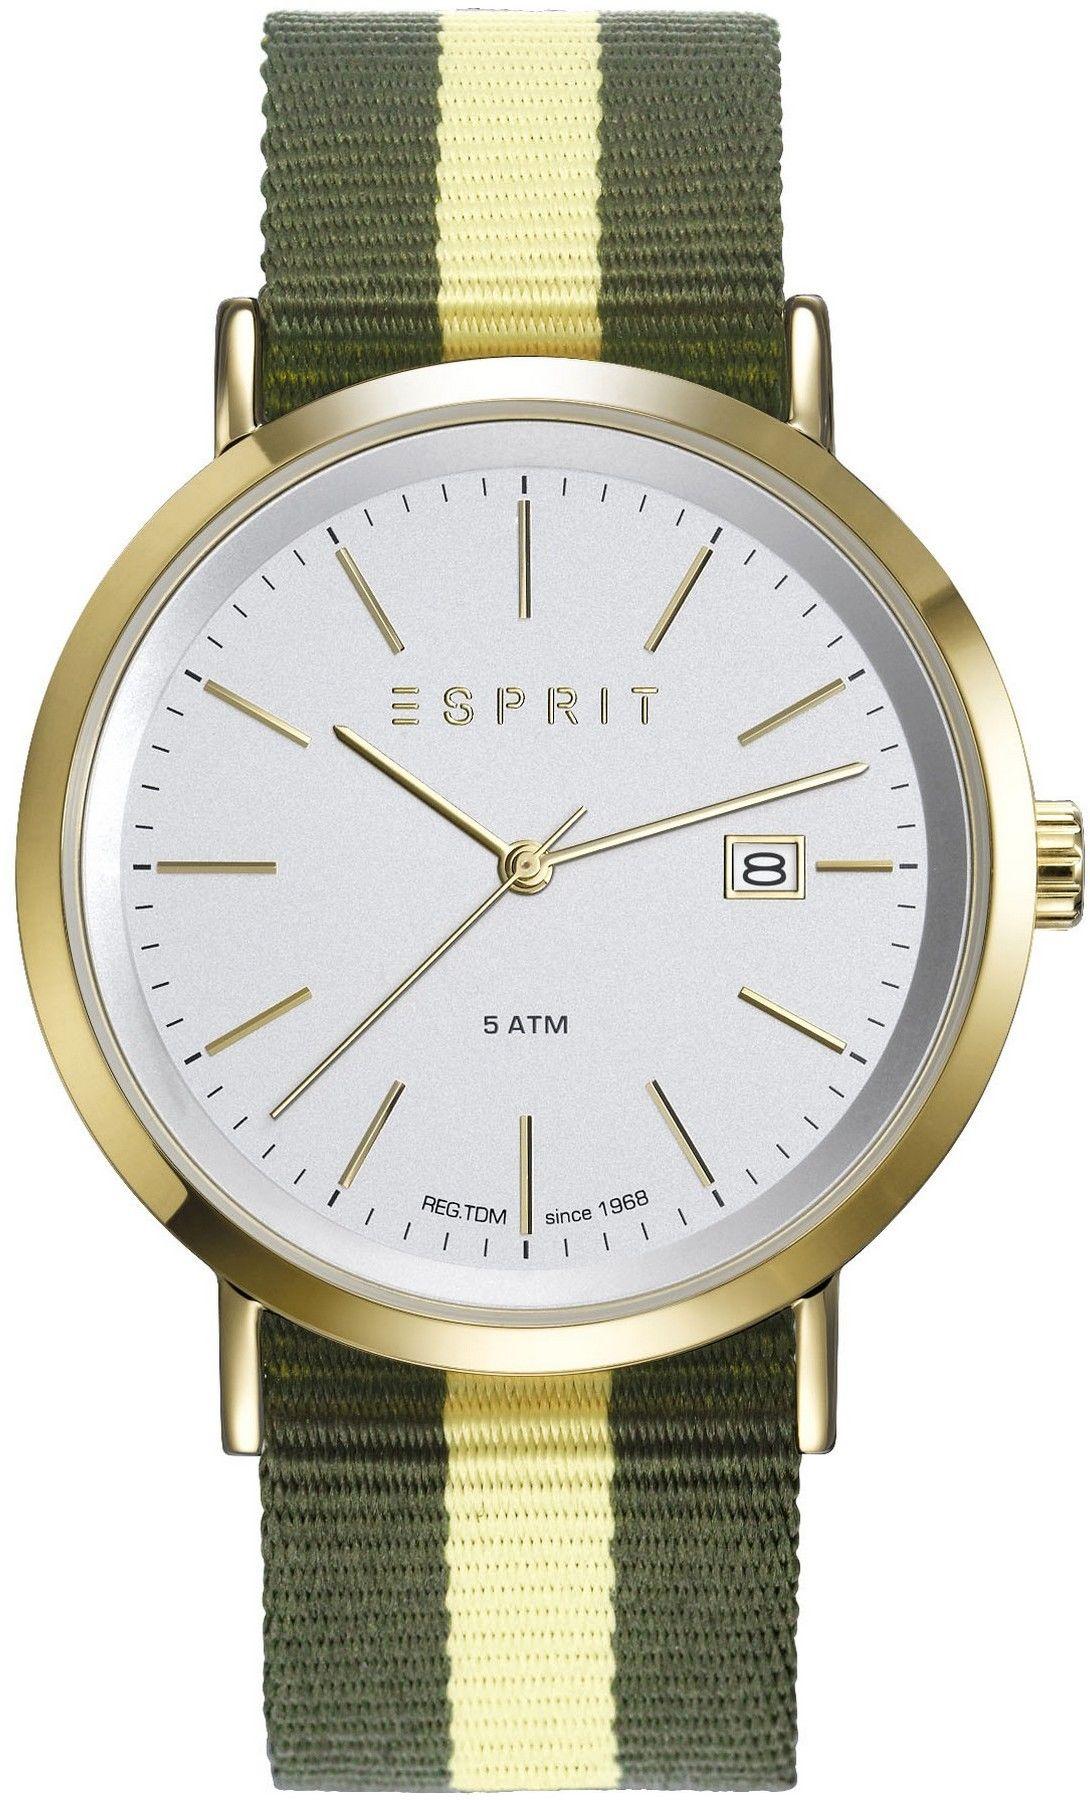 Zegarek Esprit ES108361002 - CENA DO NEGOCJACJI - DOSTAWA DHL GRATIS, KUPUJ BEZ RYZYKA - 100 dni na zwrot, możliwość wygrawerowania dowolnego tekstu.